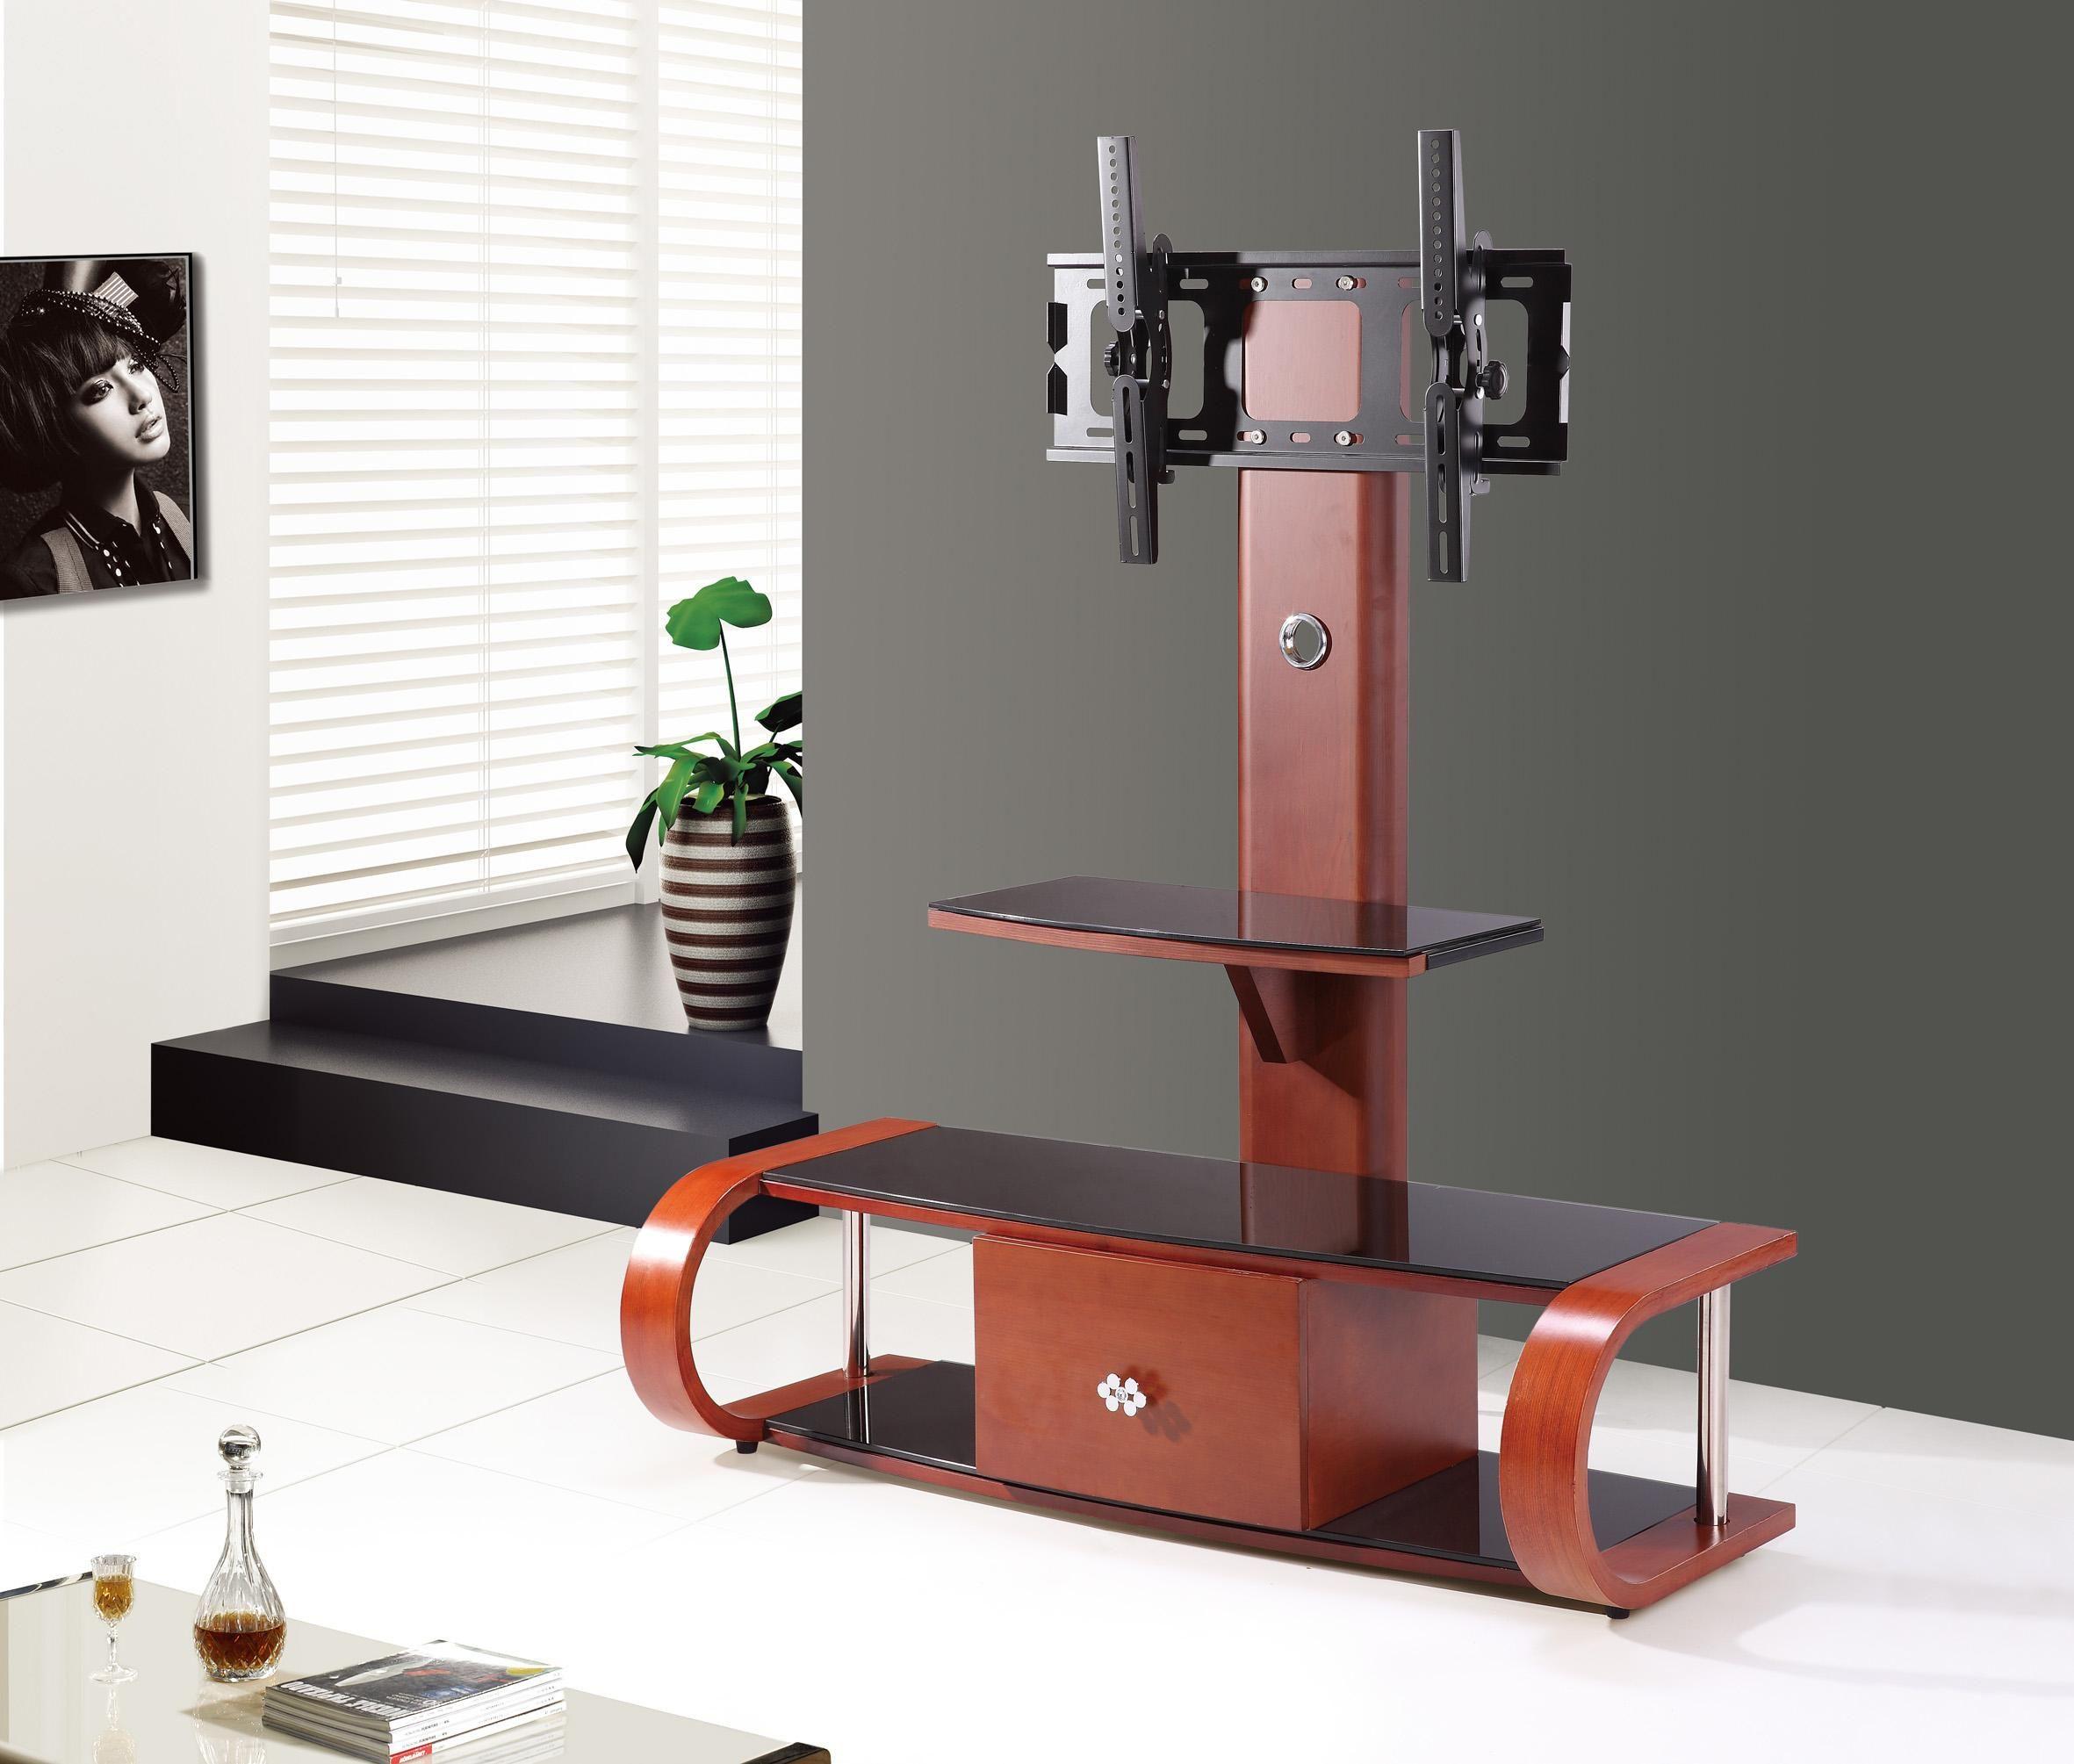 dise o de moda de madera maciza muebles de tv para